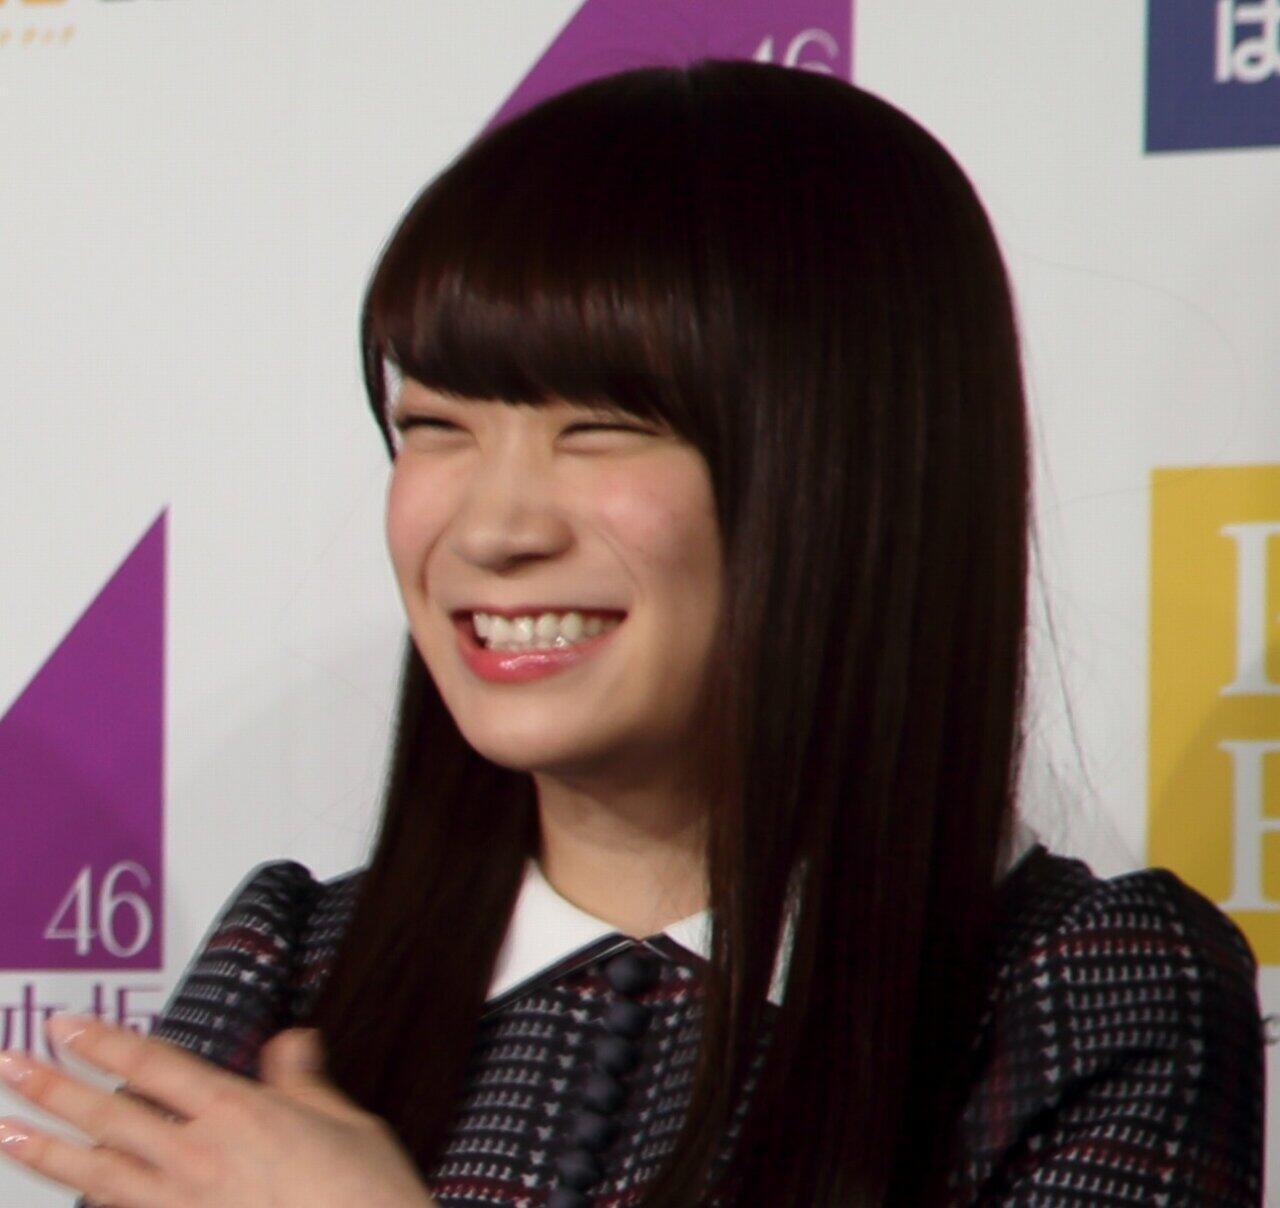 乃木坂・秋元真夏、名倉潤にまさかの「塩対応」 華麗スルーに本人も「なんでやねん!」